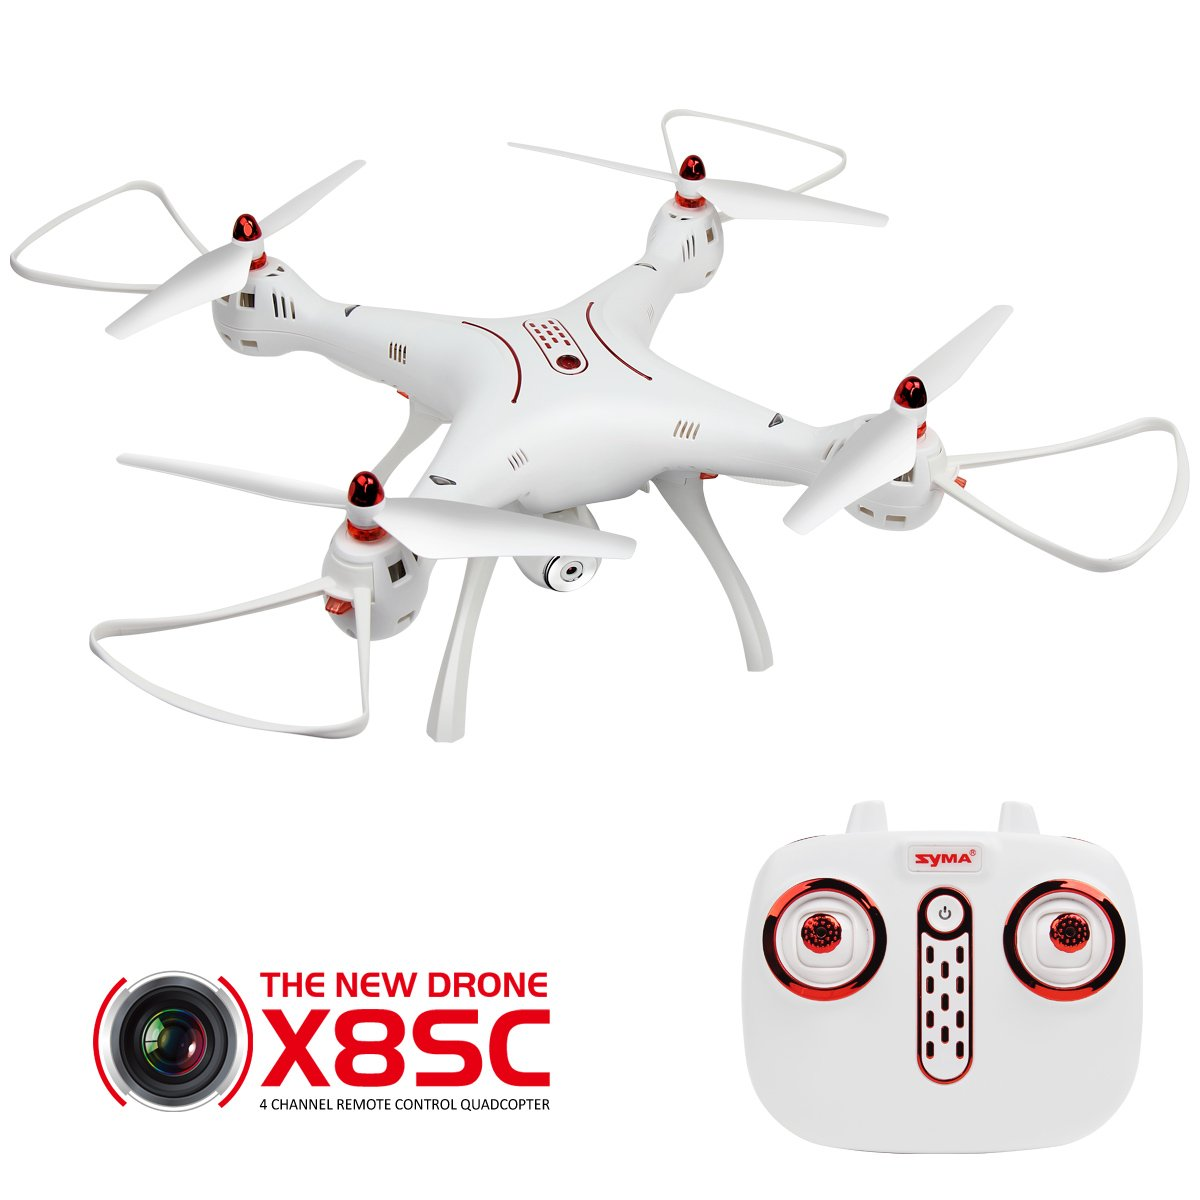 X8sc Syma X8SC RC Drohne mit 2.0MP HD Kamera Kopflosmodus One Key Start  Landung Höhesaufstellung 4CH 6-Achsen Quadrocopter RTF Für Anfänger Kinder